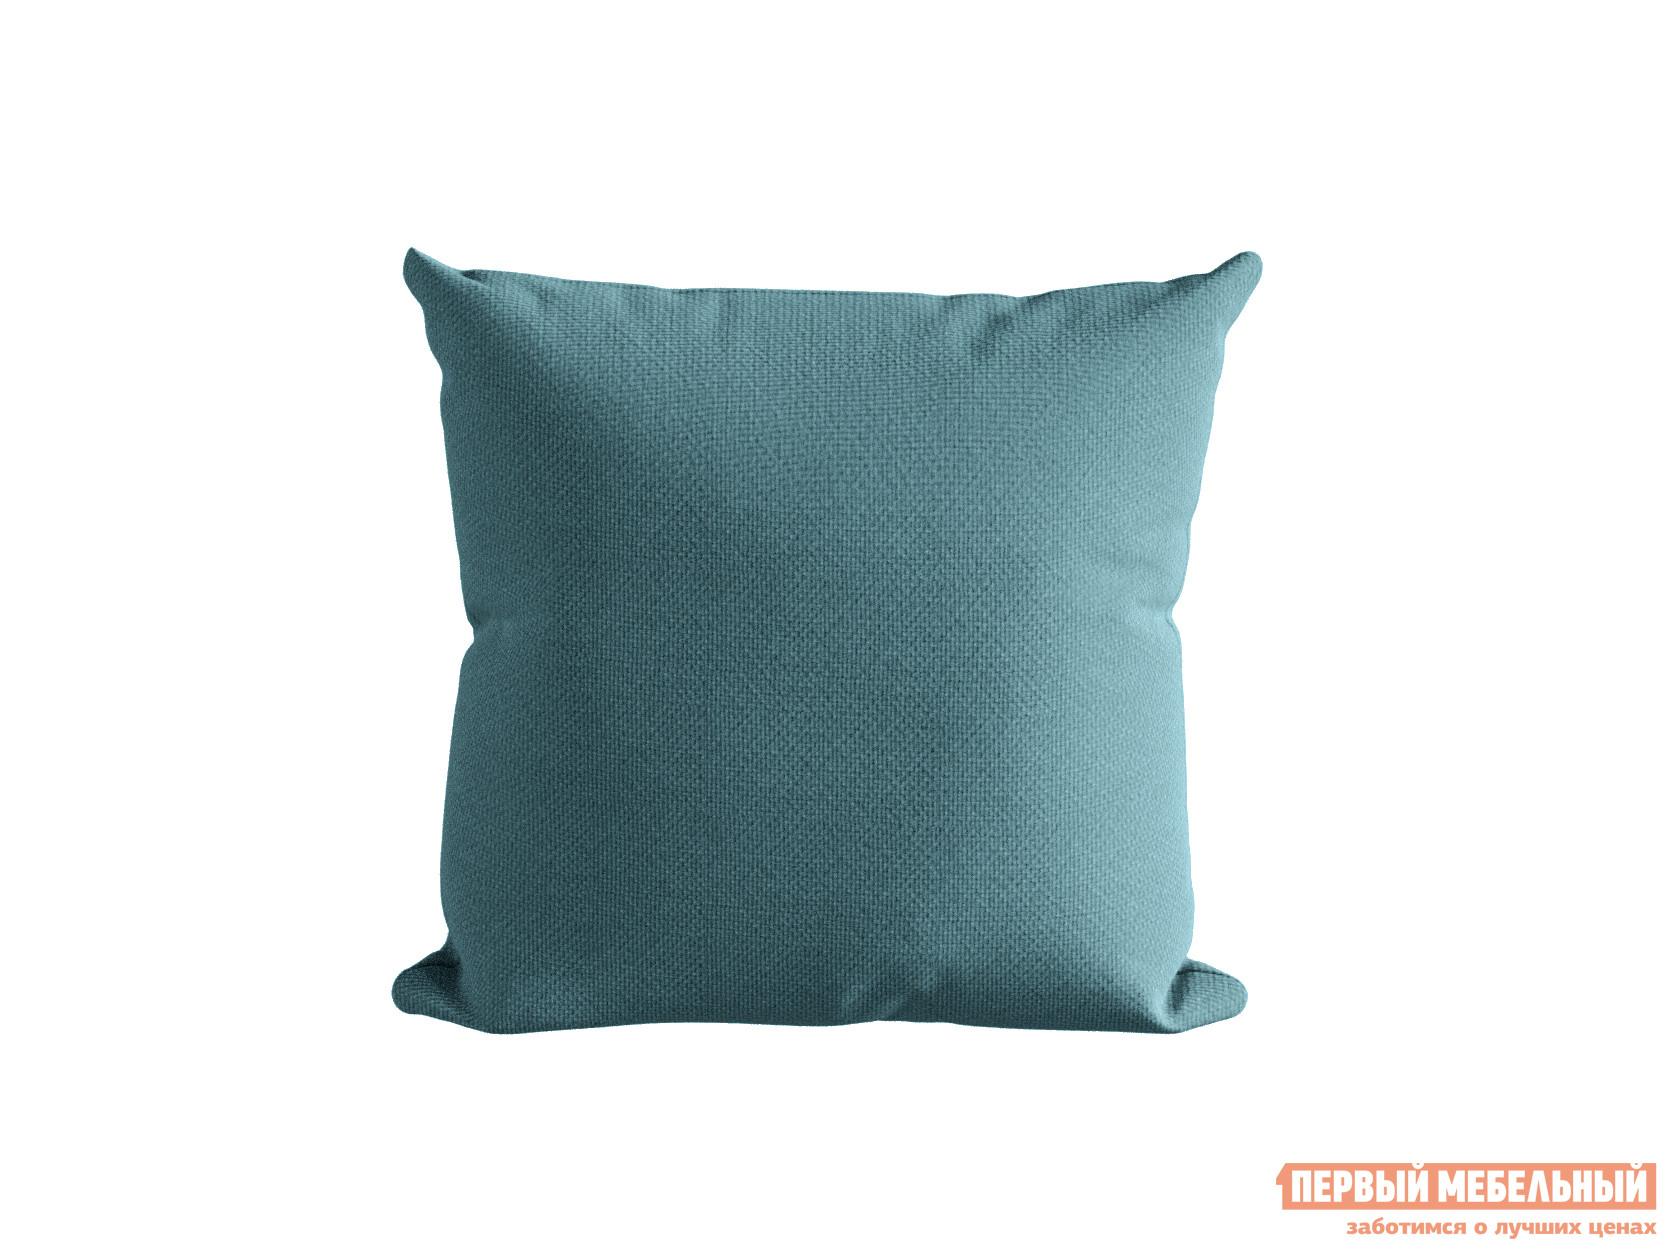 Декоративная подушка Первый Мебельный Подушка ШН(391-8), Размер 45х45